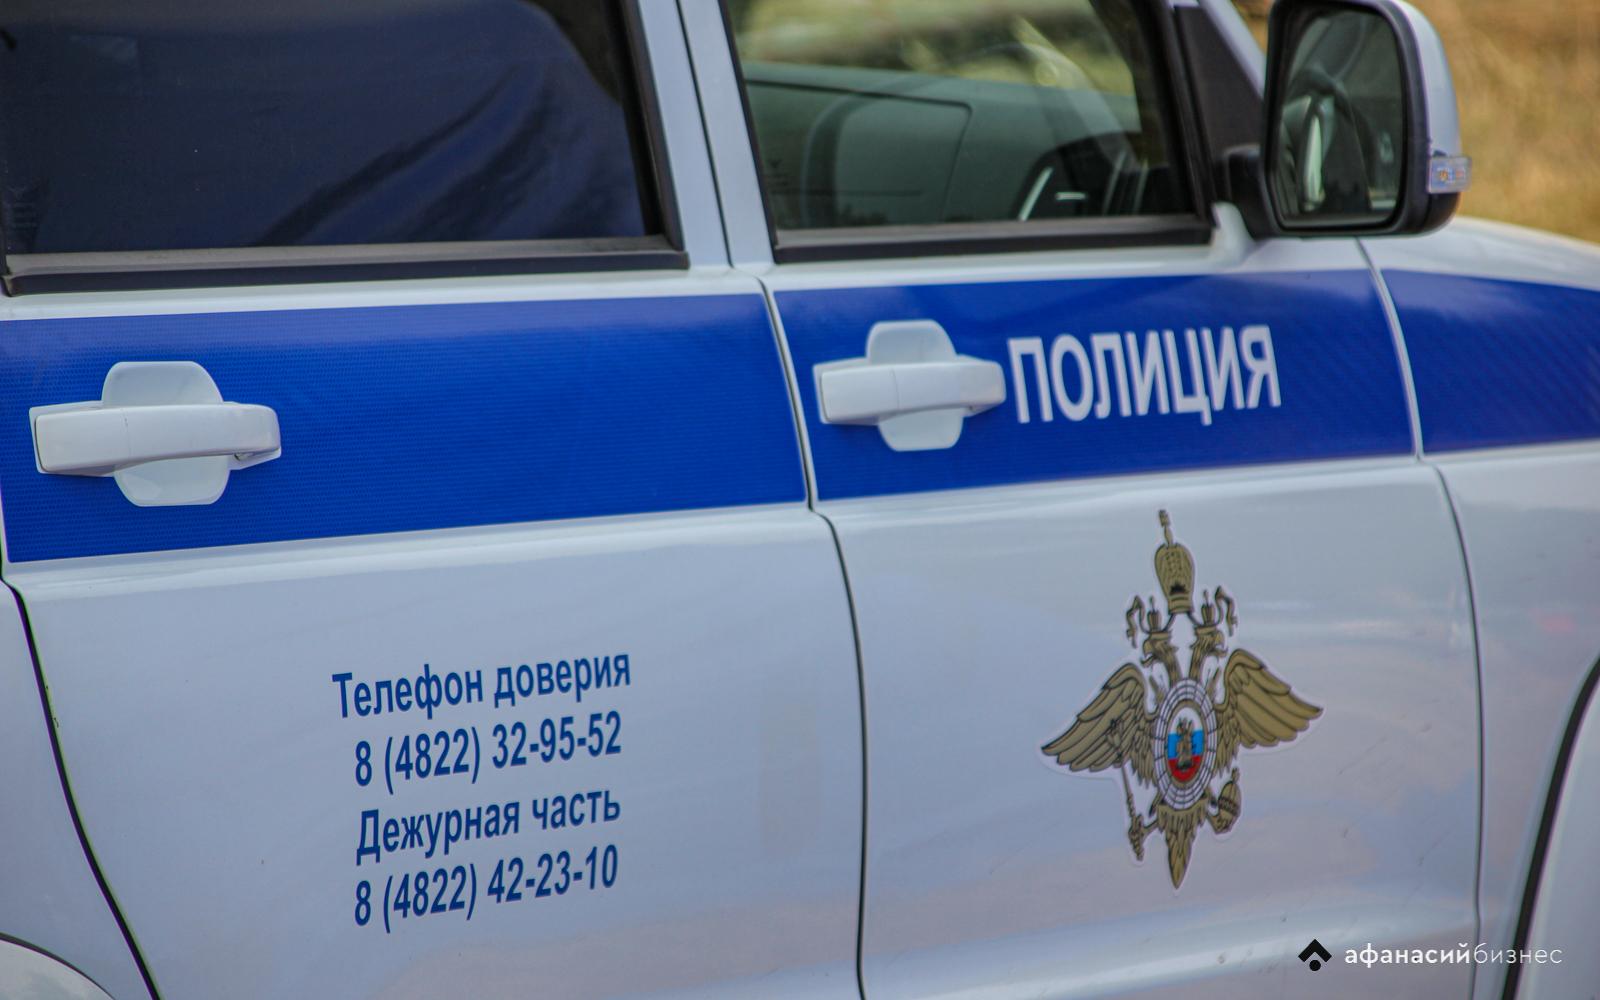 Полиция Тверской области задержала мошенника «Игоря», обманывавшего людей в интернете